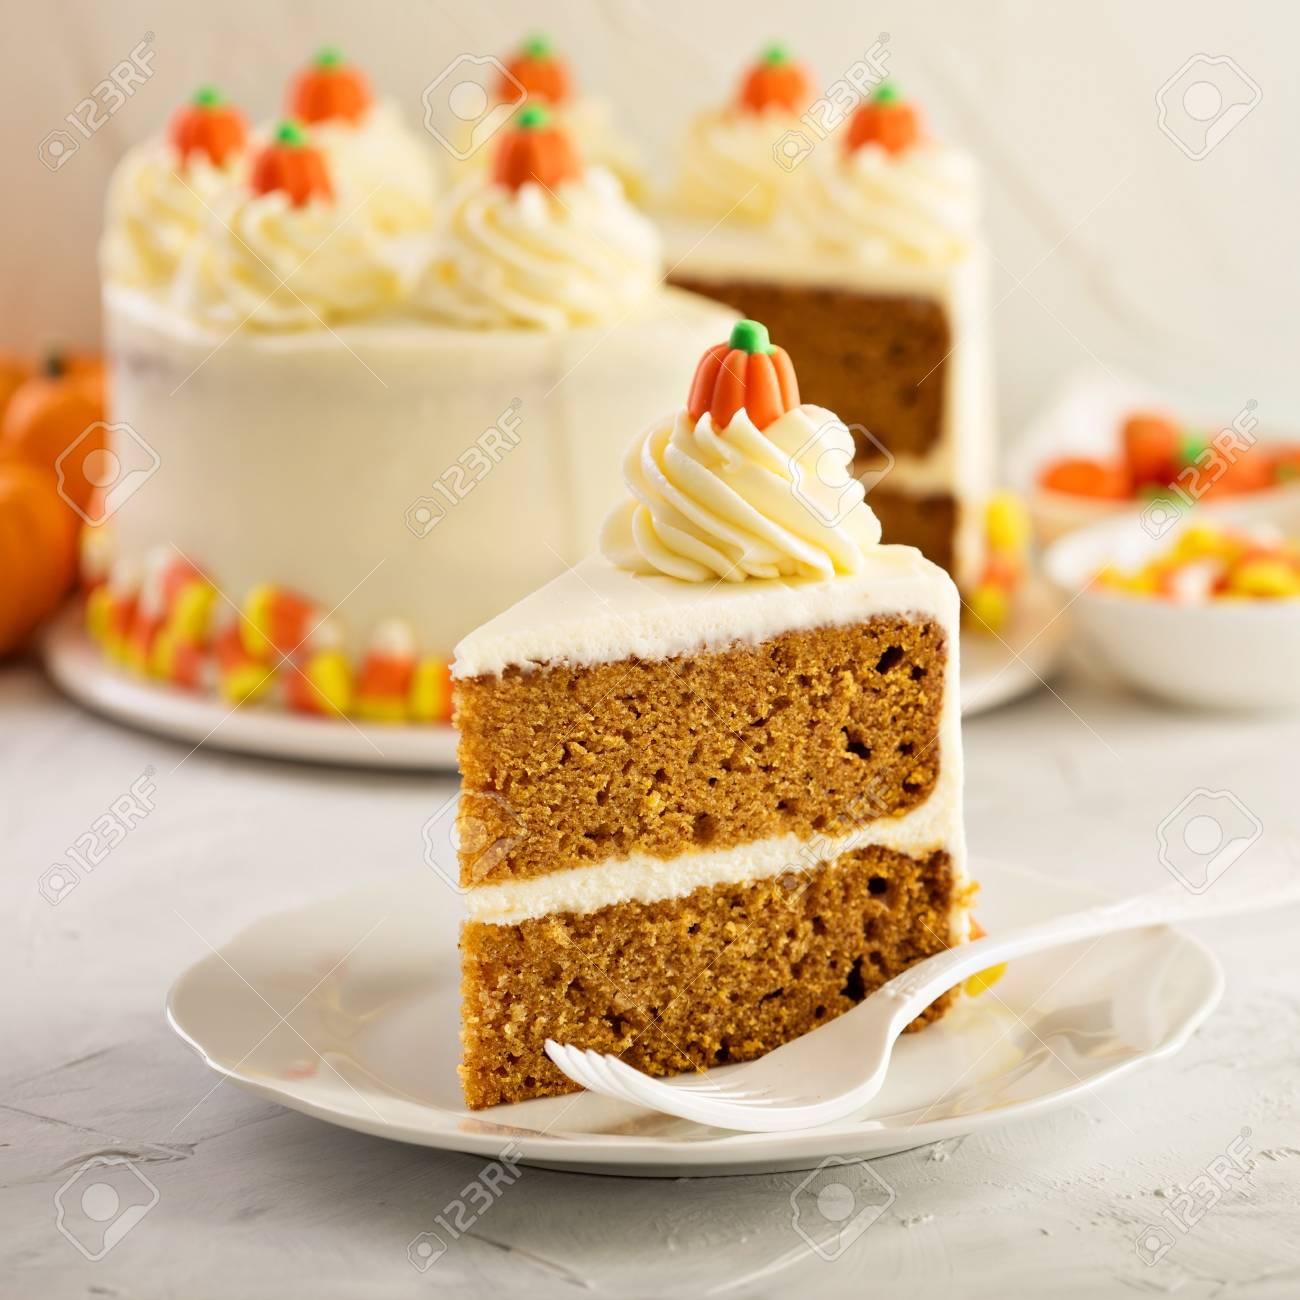 Kurbis Gewurz Uberlagerter Kuchen Mit Frischkase Topping Lizenzfreie